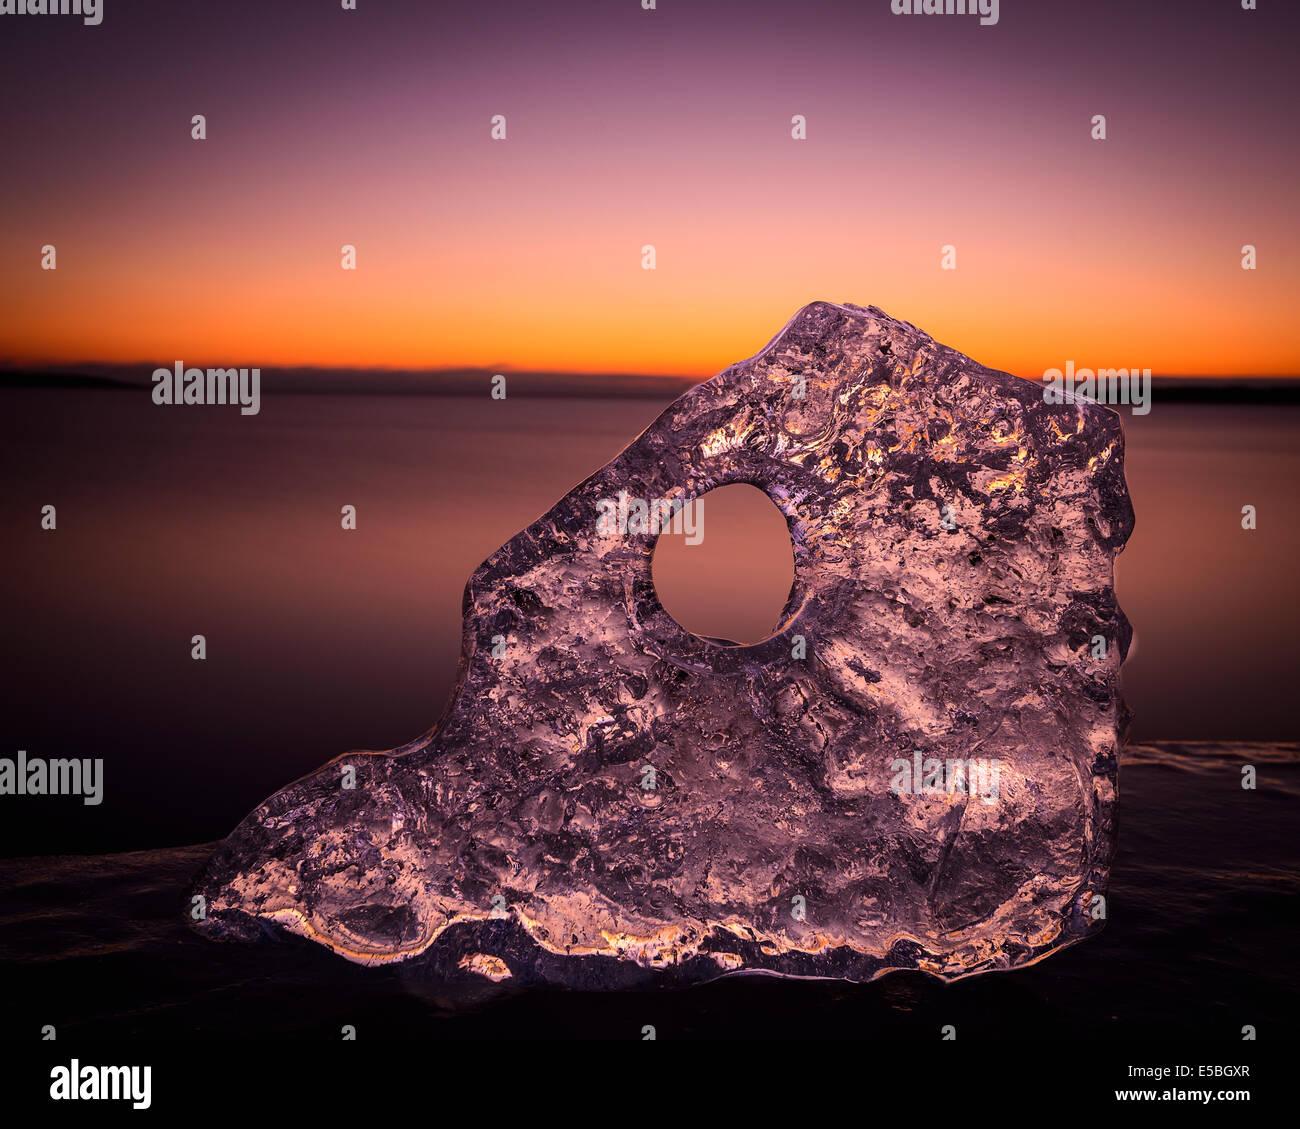 Bloc de glace en face de ciel dramatique Photo Stock